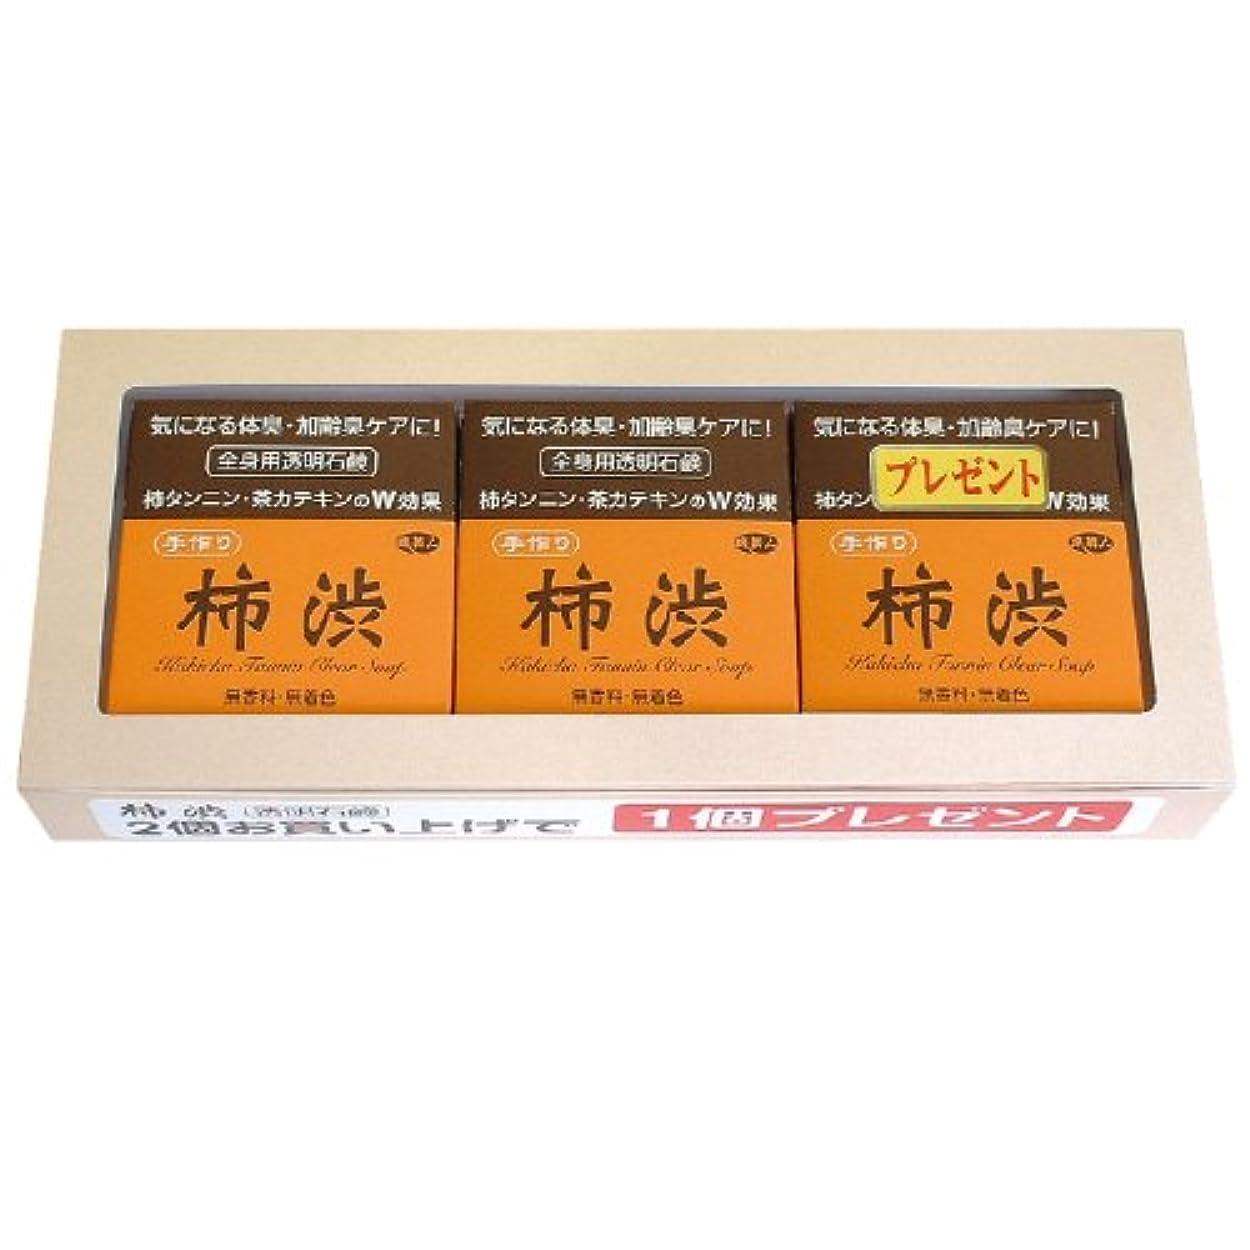 つなぐテント好色なアズマ商事の 柿渋透明石鹸 2個の値段で3個入りセット